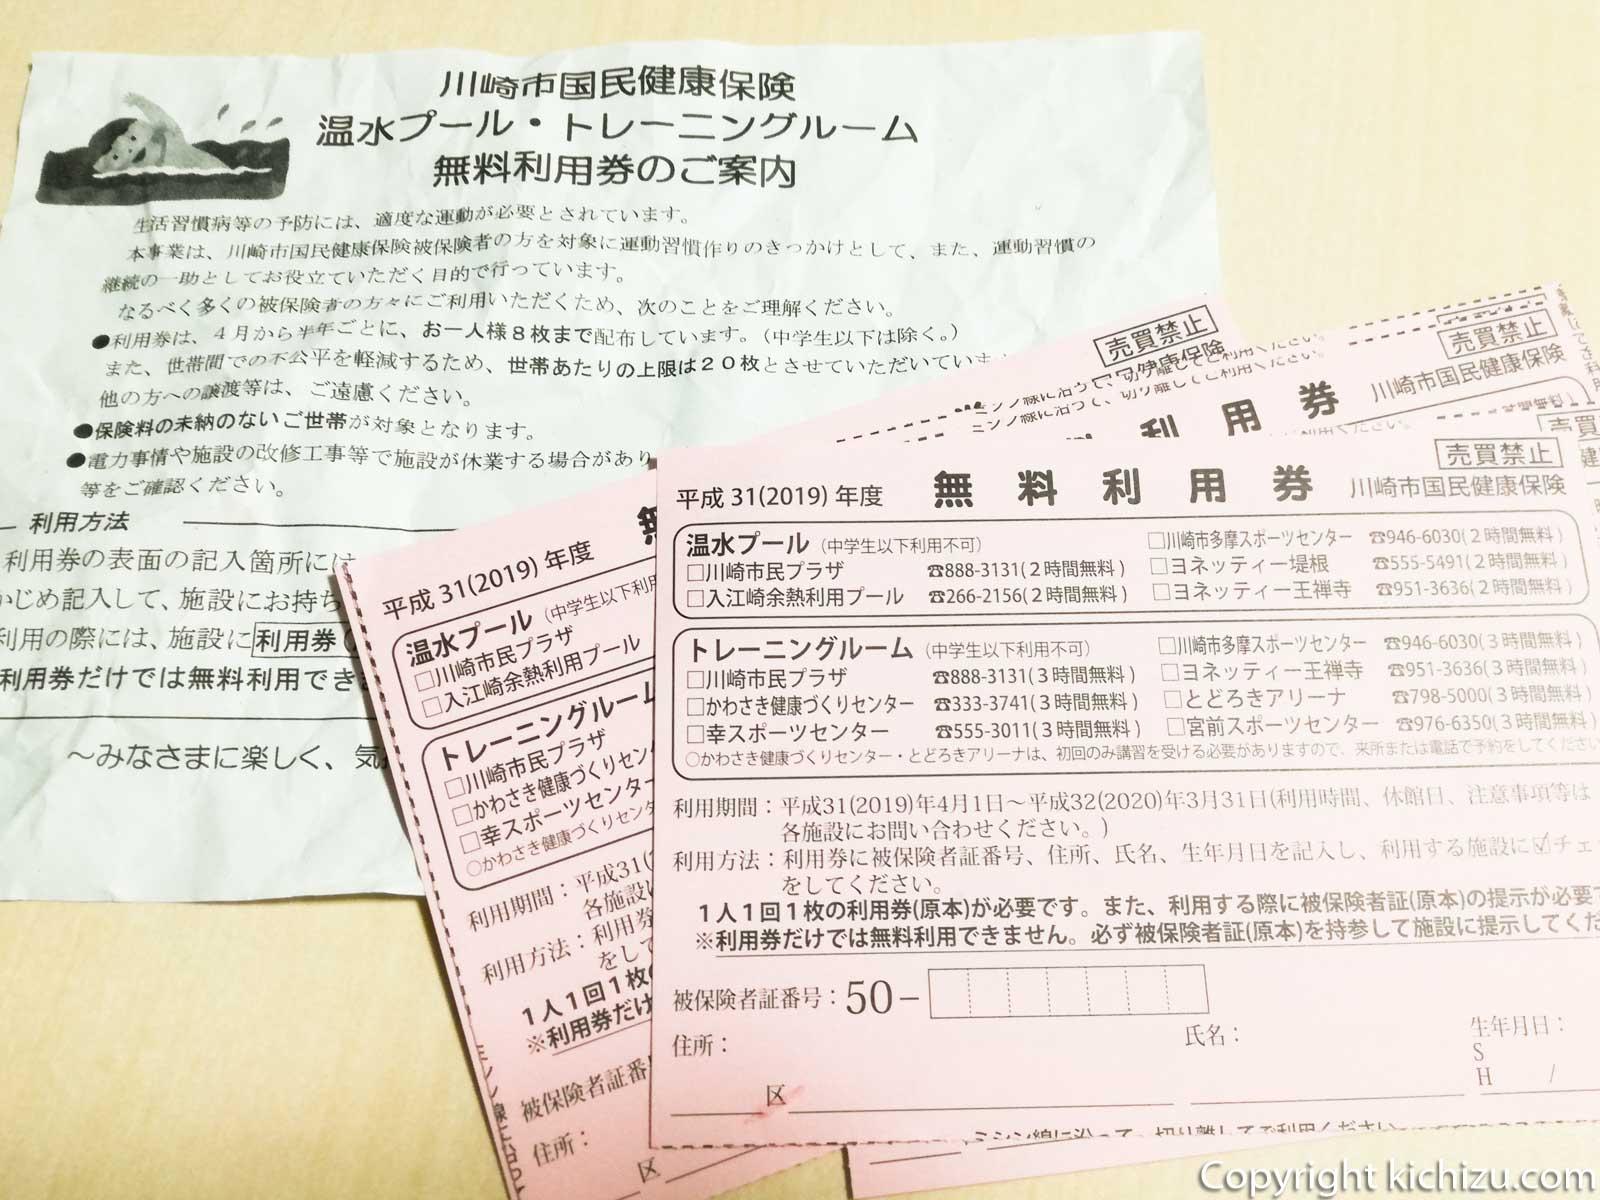 川崎市国民健康保険温水プールトレーニングルーム無料利用券のご案内